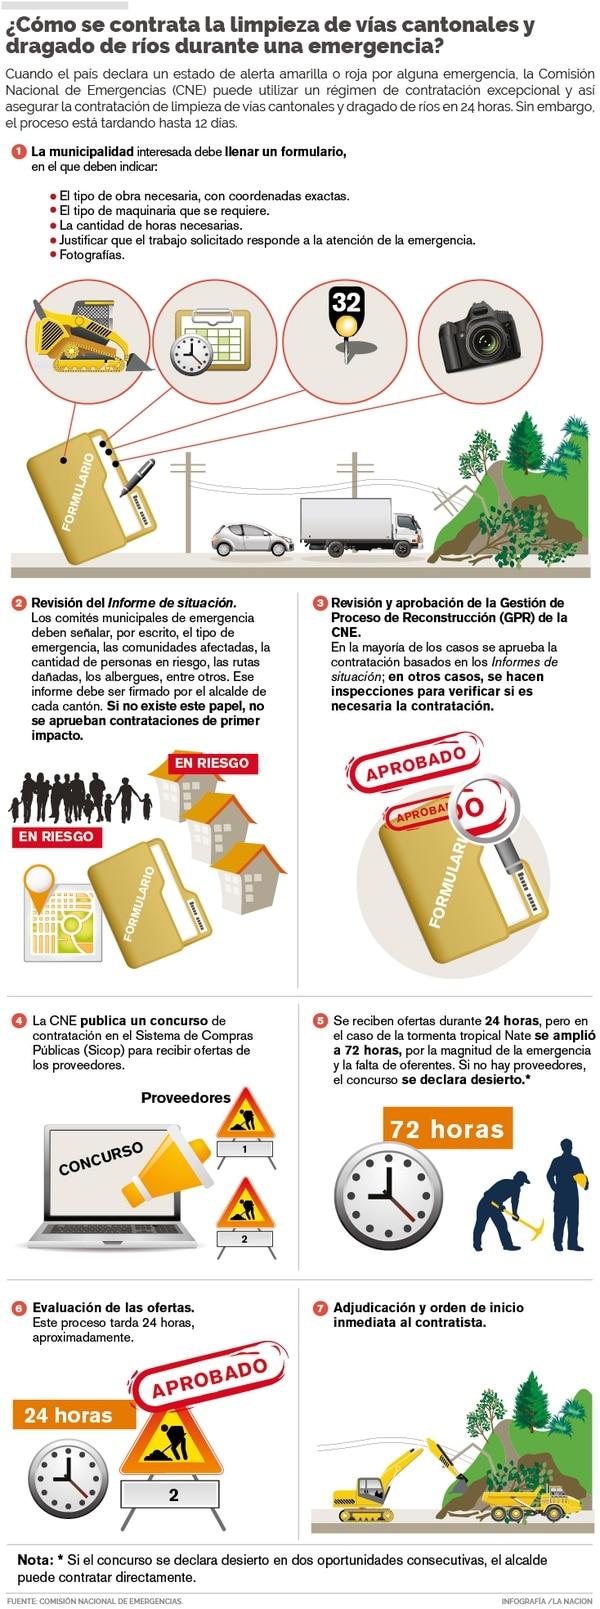 Proceso de contratación durante emergencias